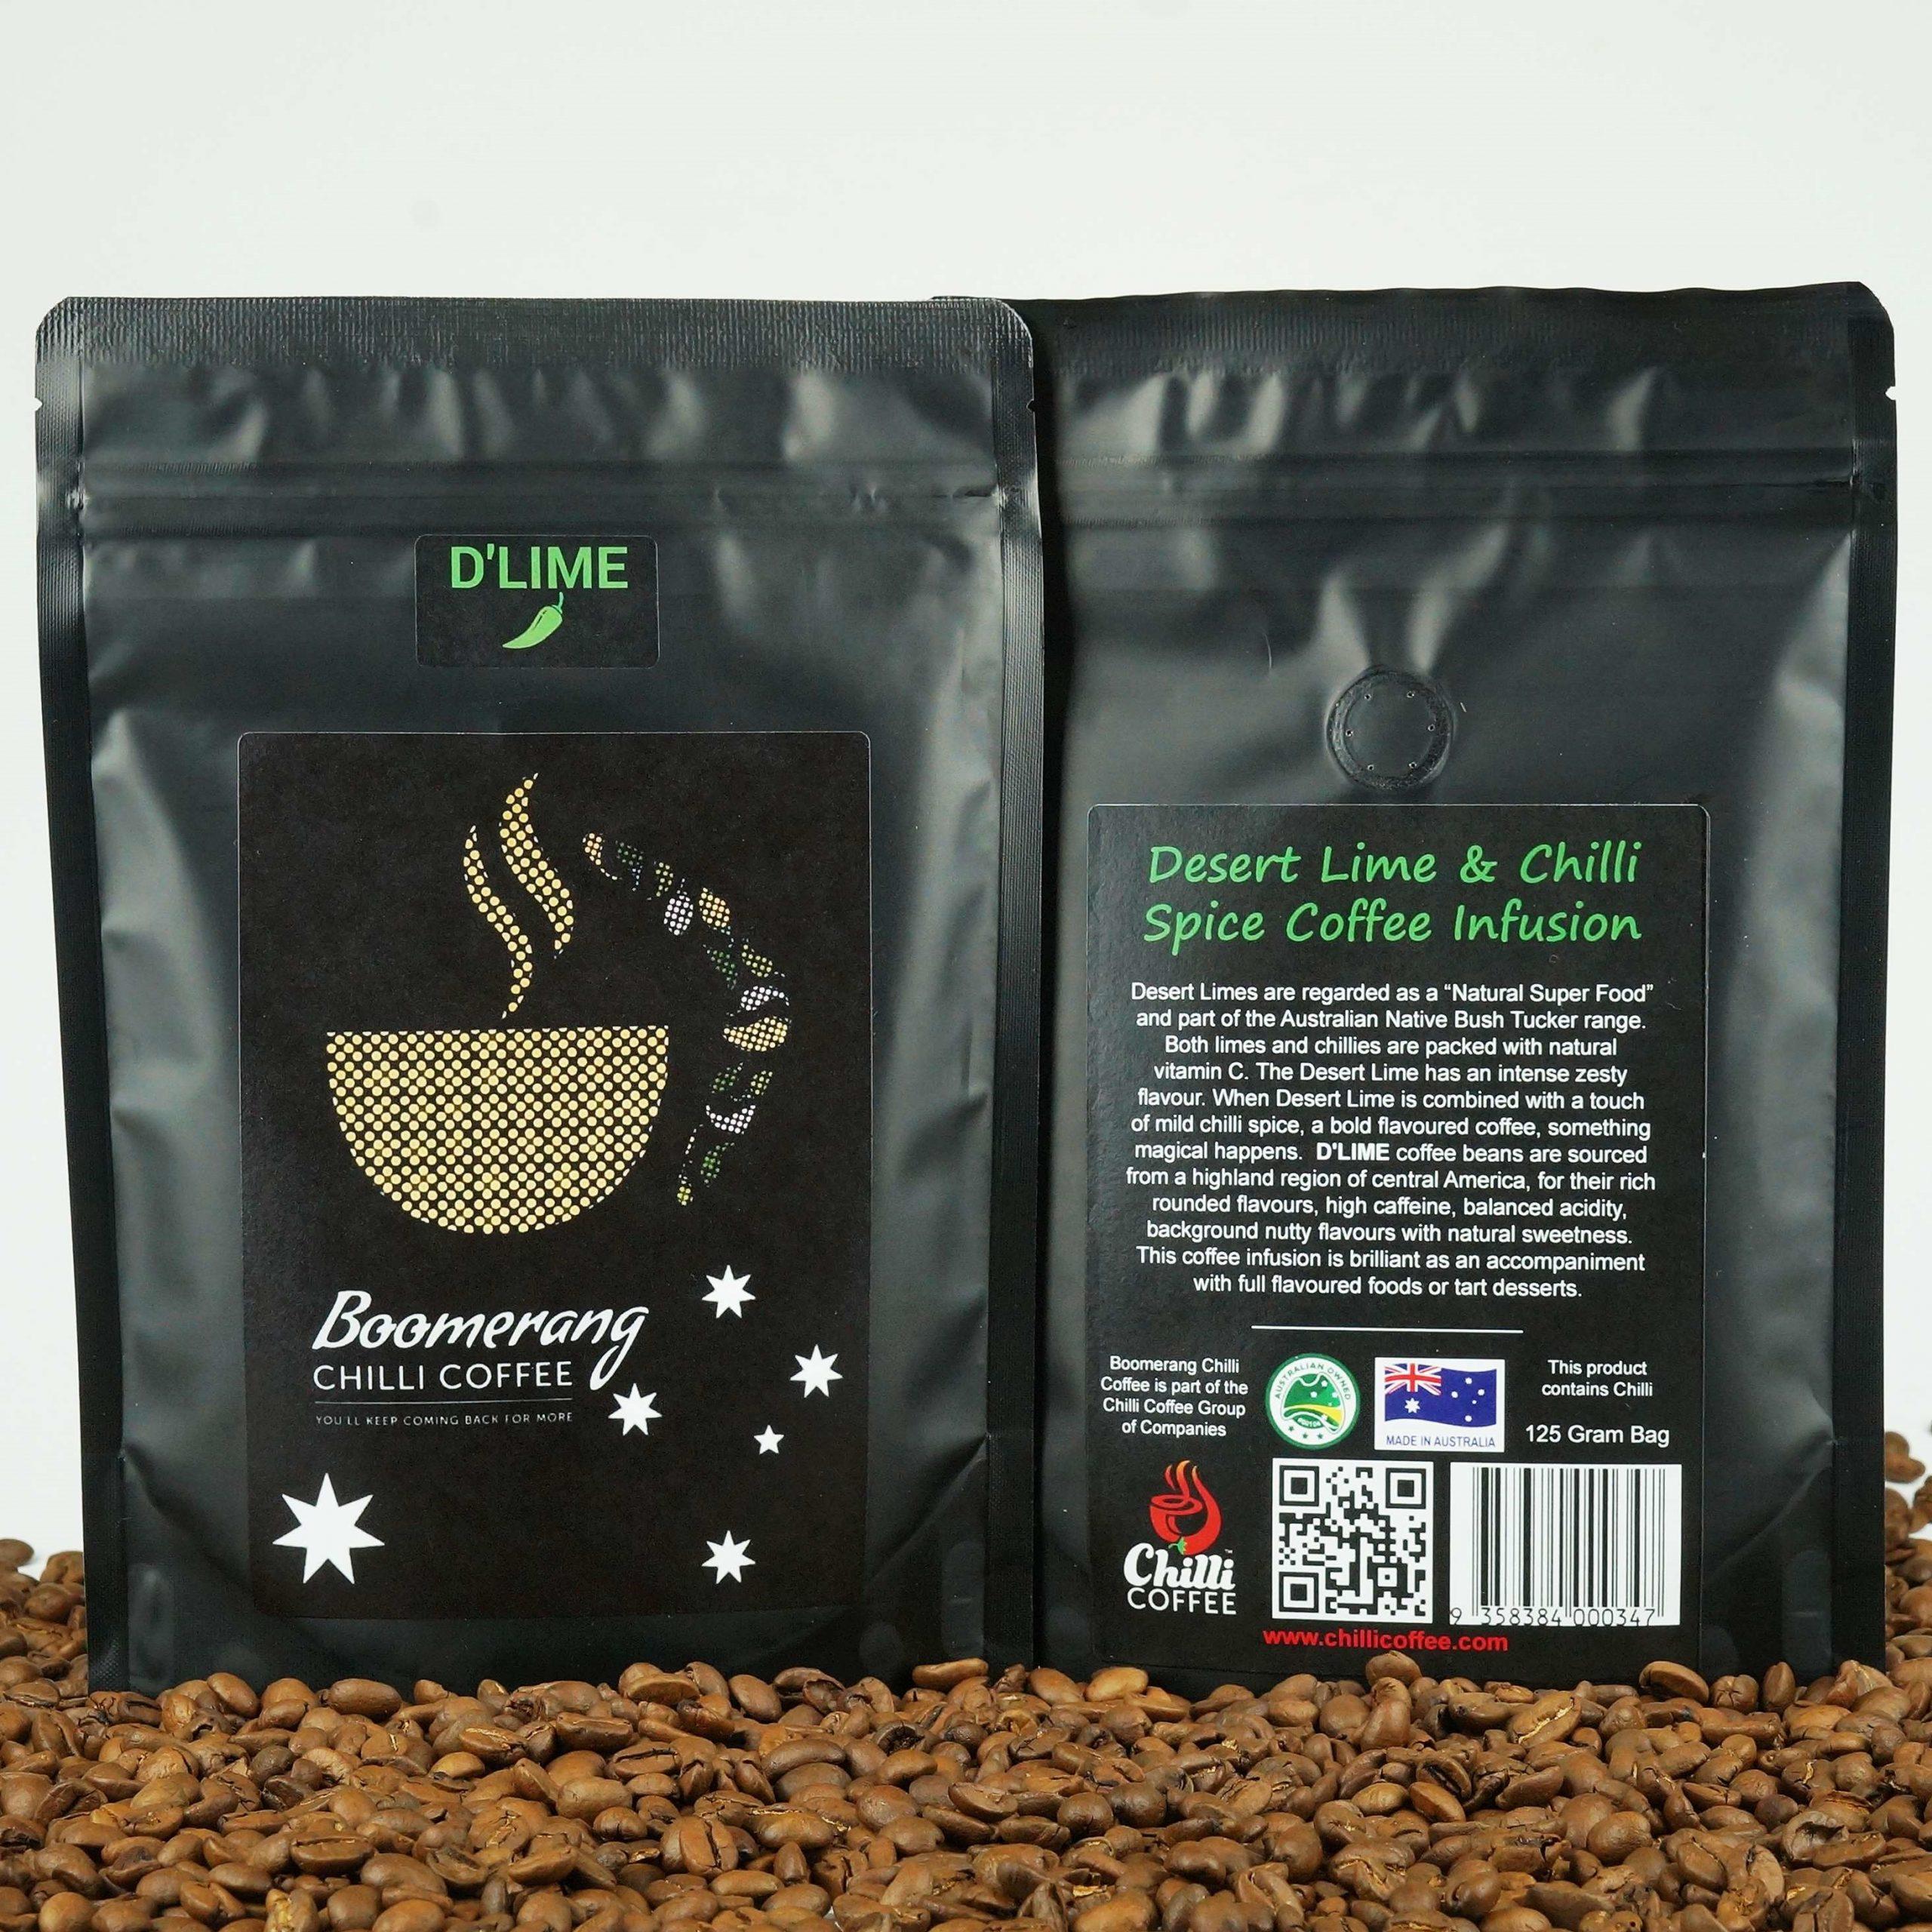 Chilli Coffee